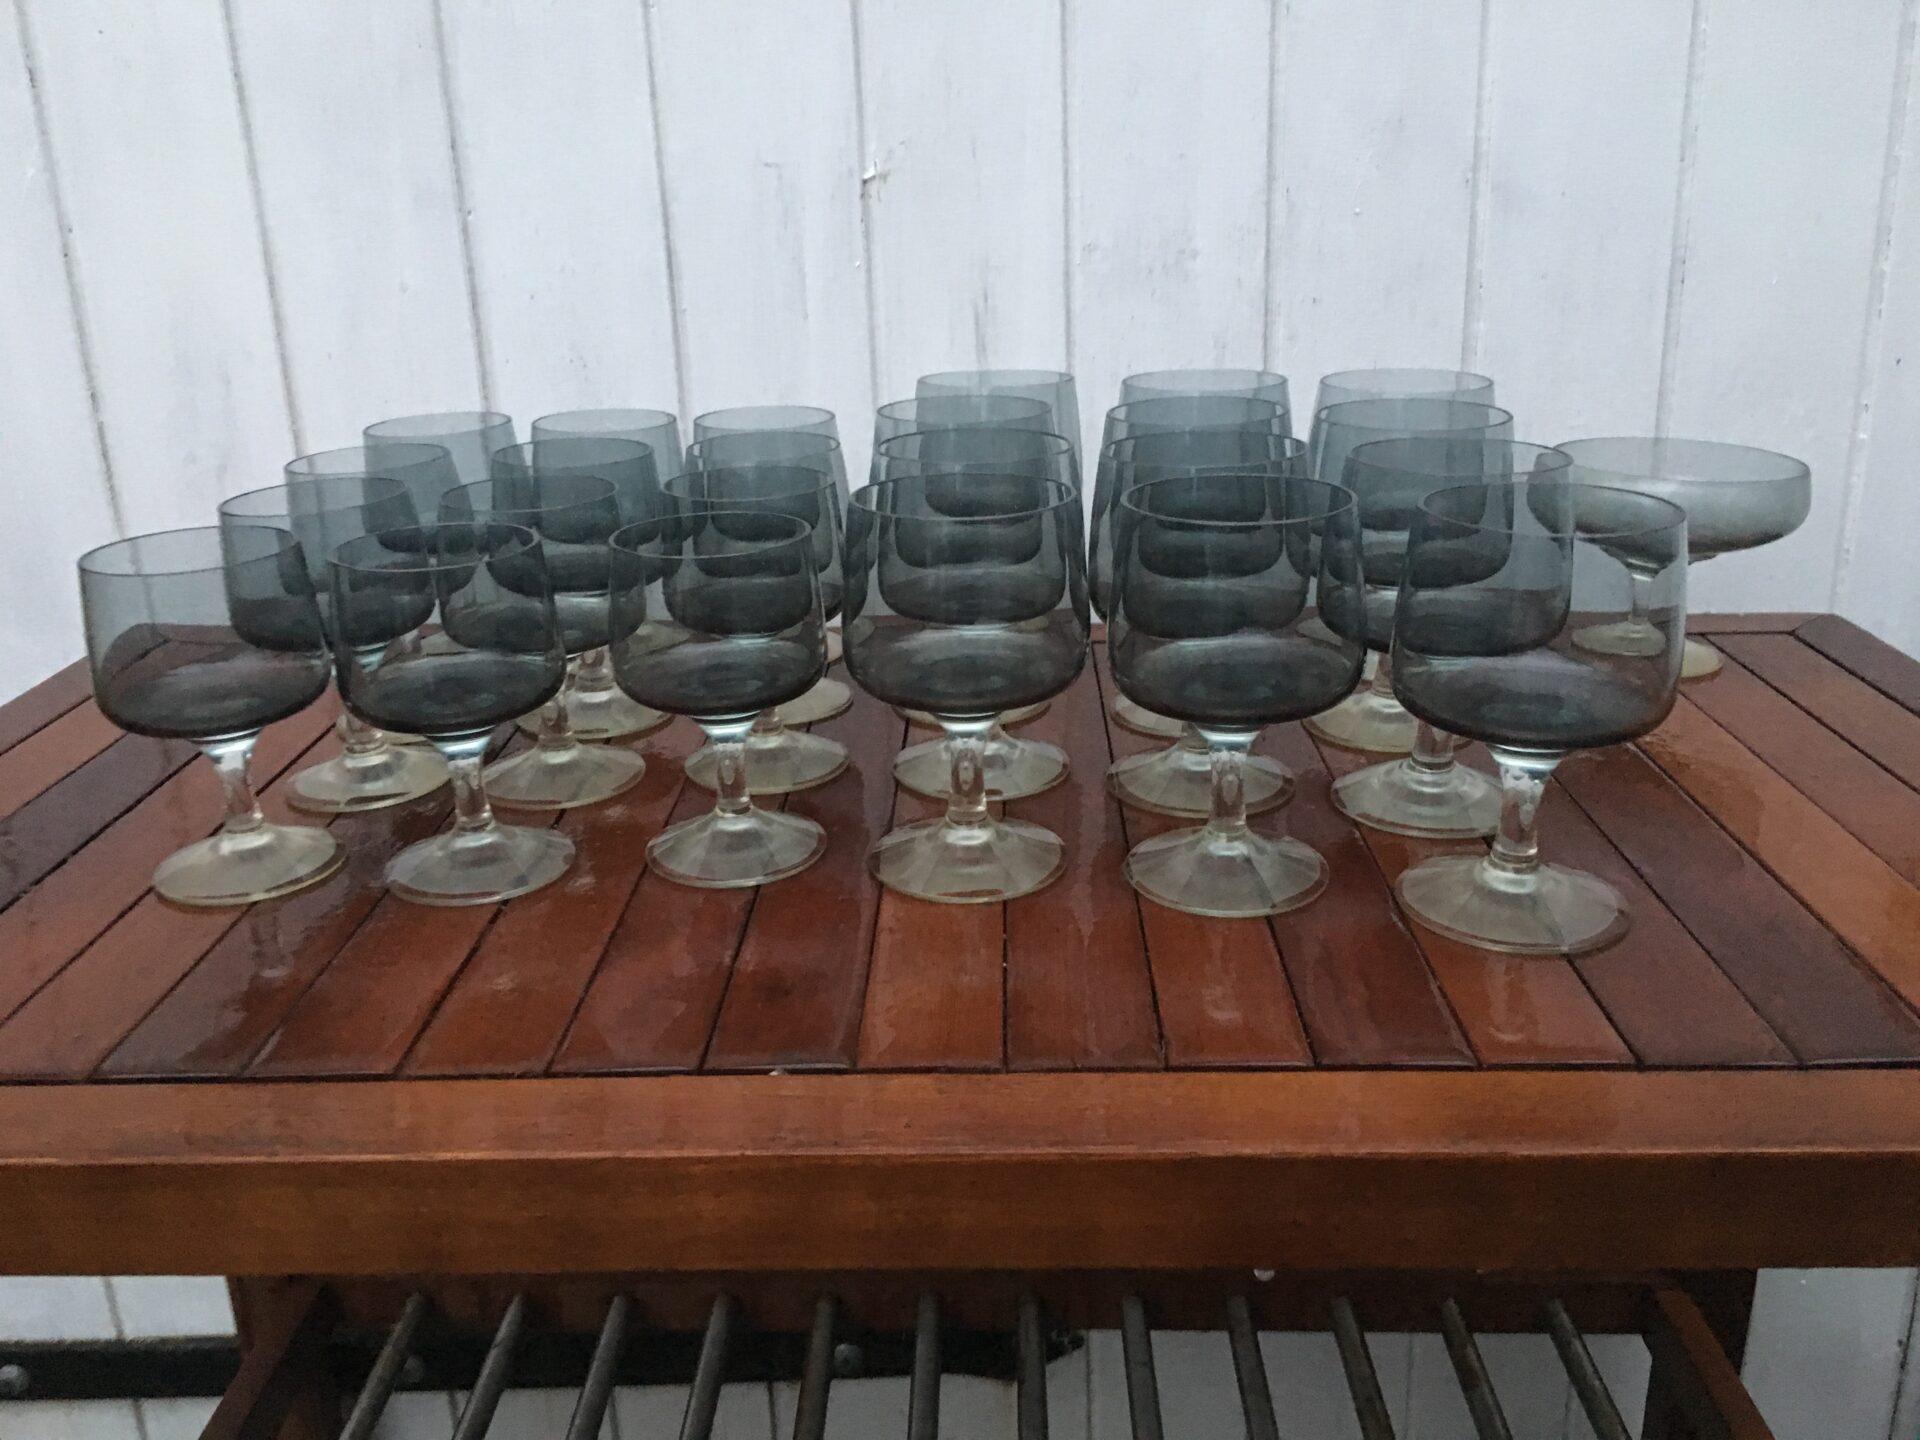 Holmegaard Atlantic, rødvin og hvidvin pr. stk 50 kr, fineste stand